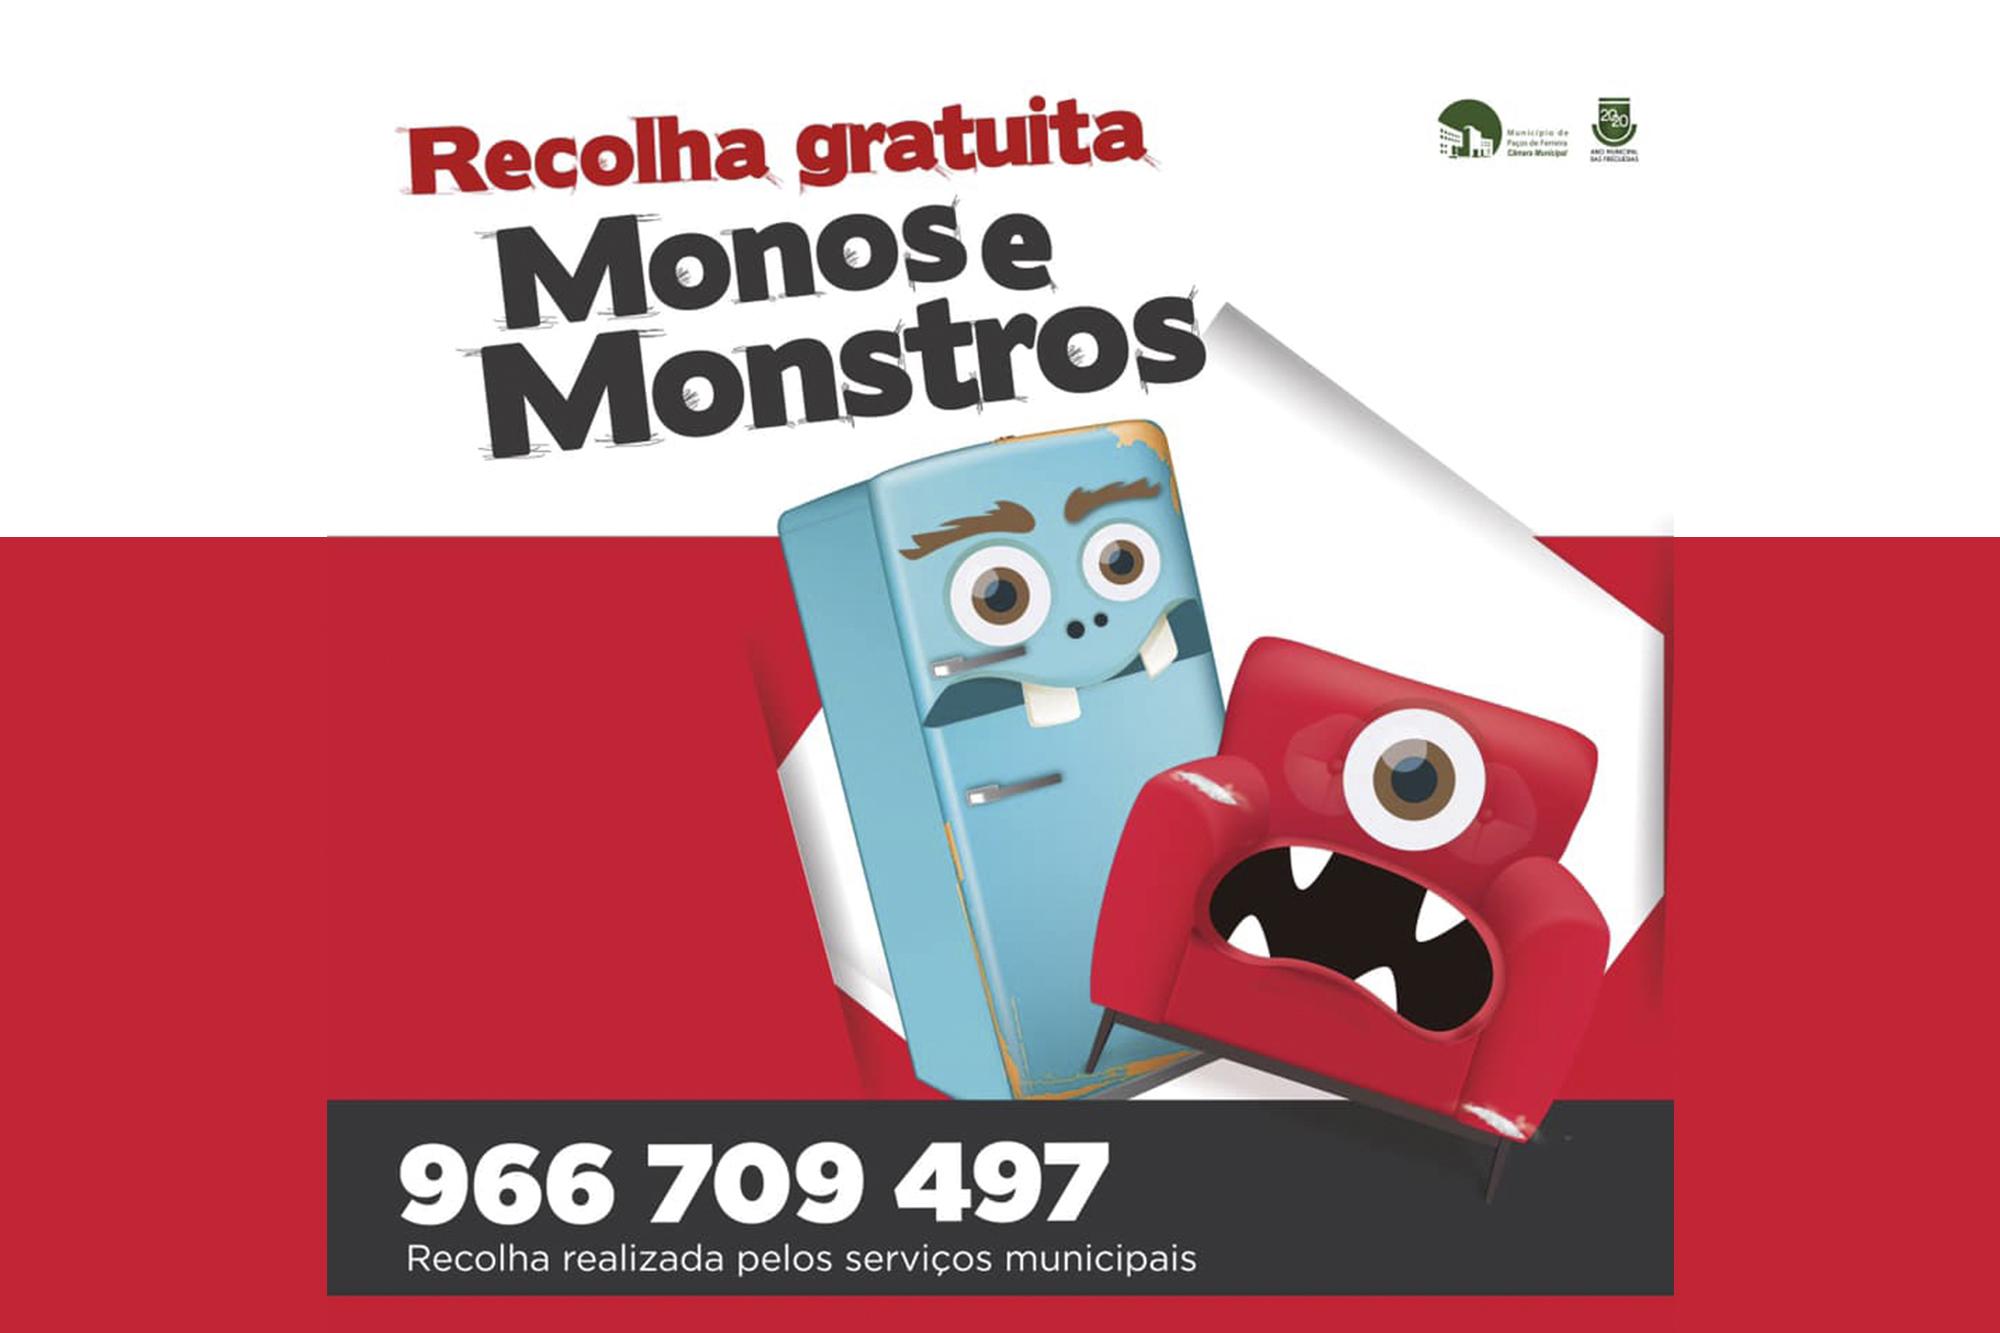 Monos e Monstros